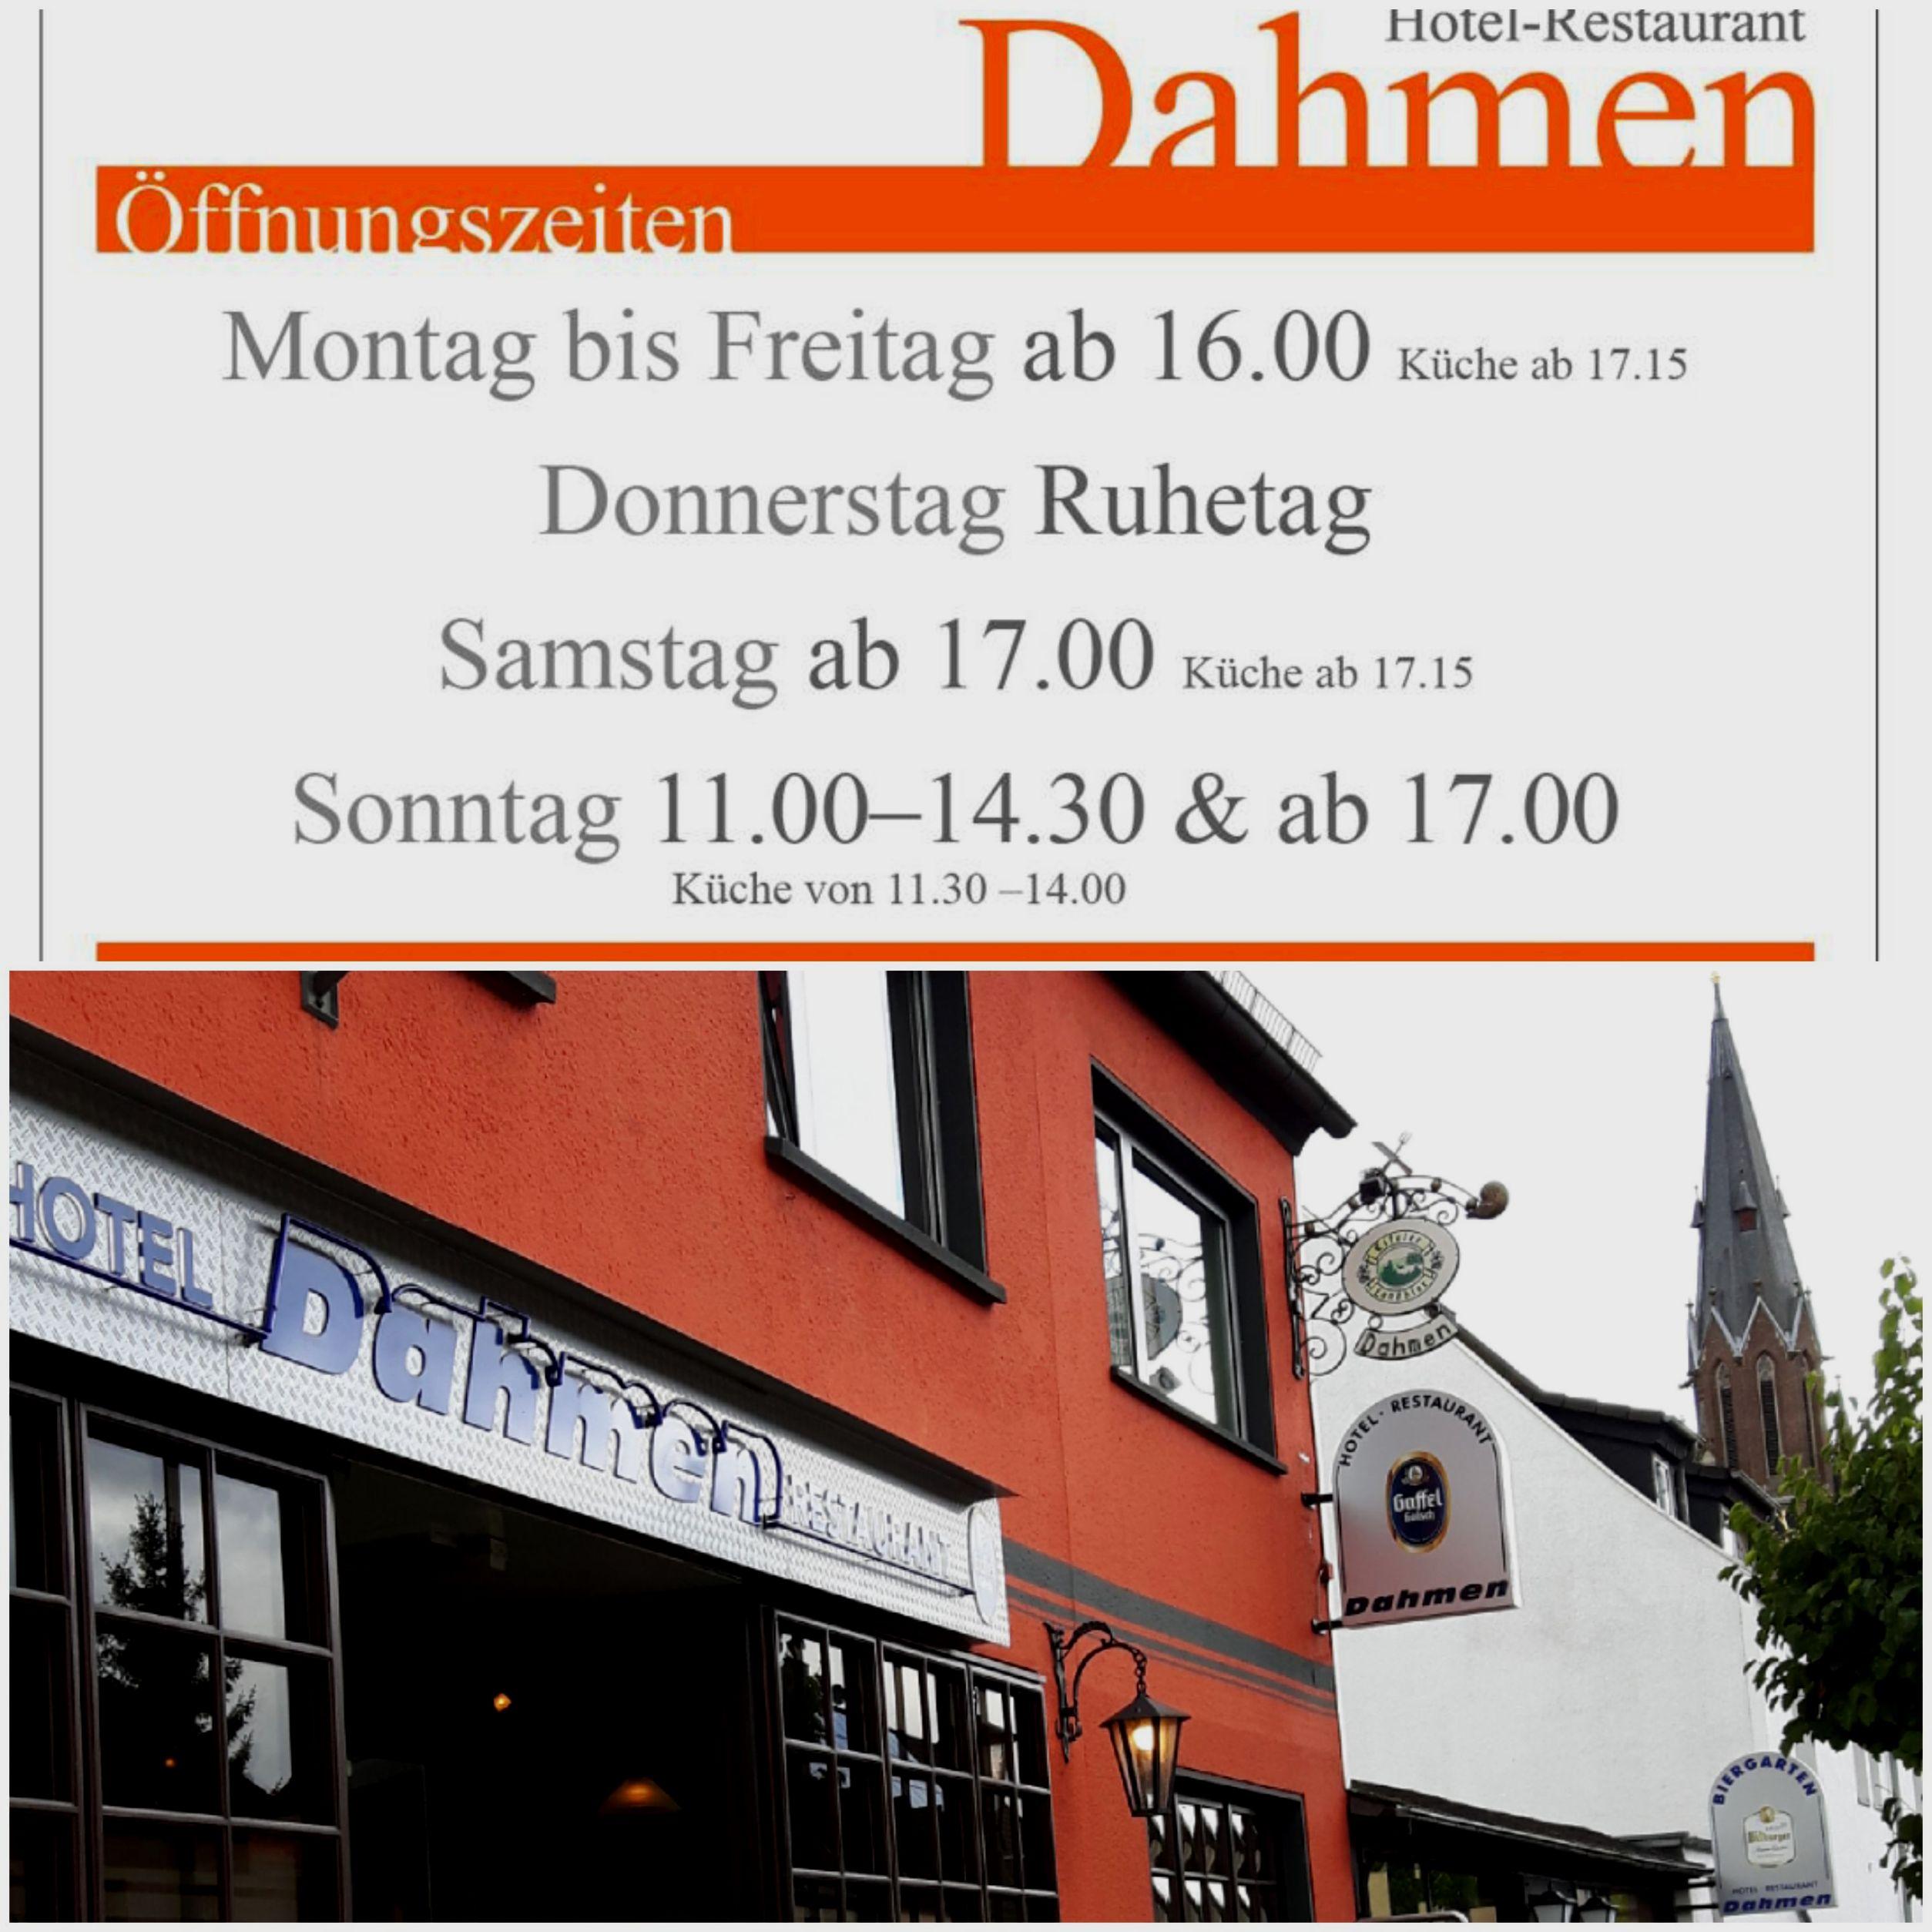 Hotel-Restaurant Dahmen